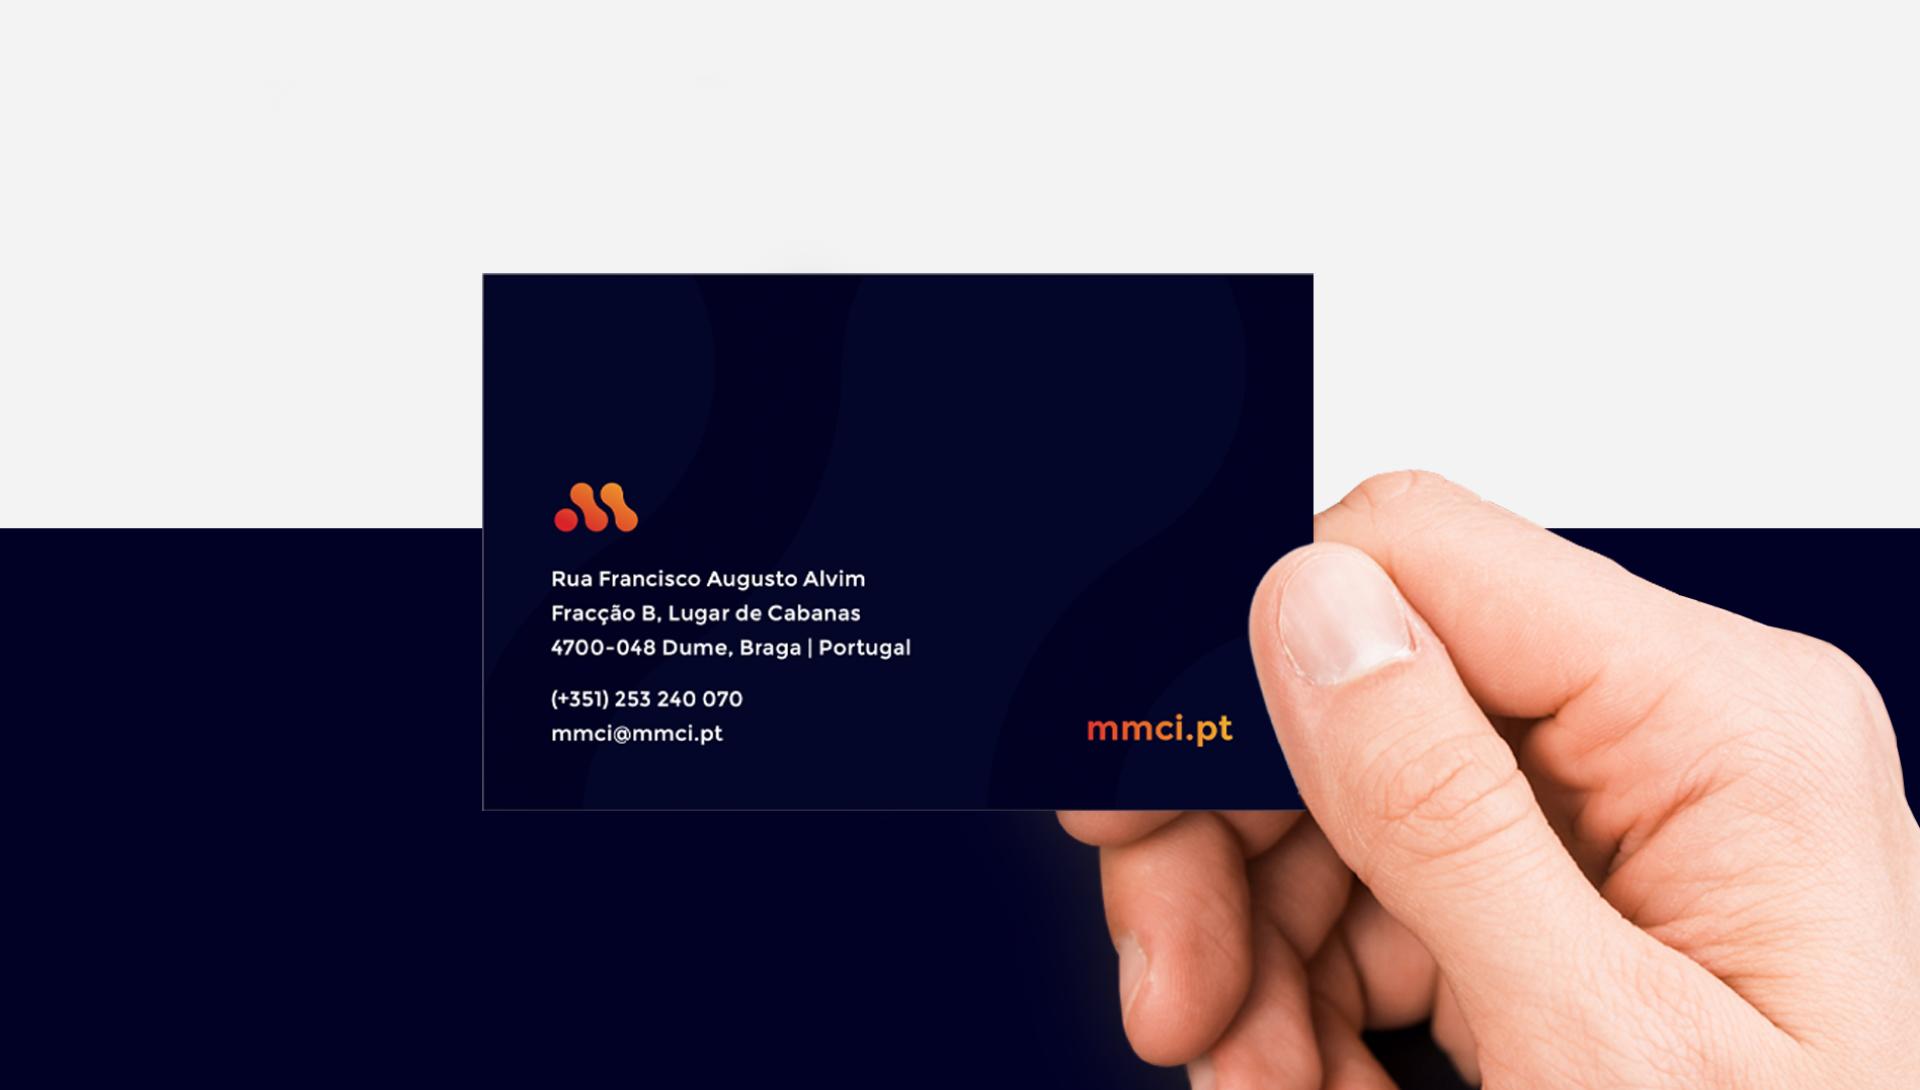 Cartão de visita MMCI em mão